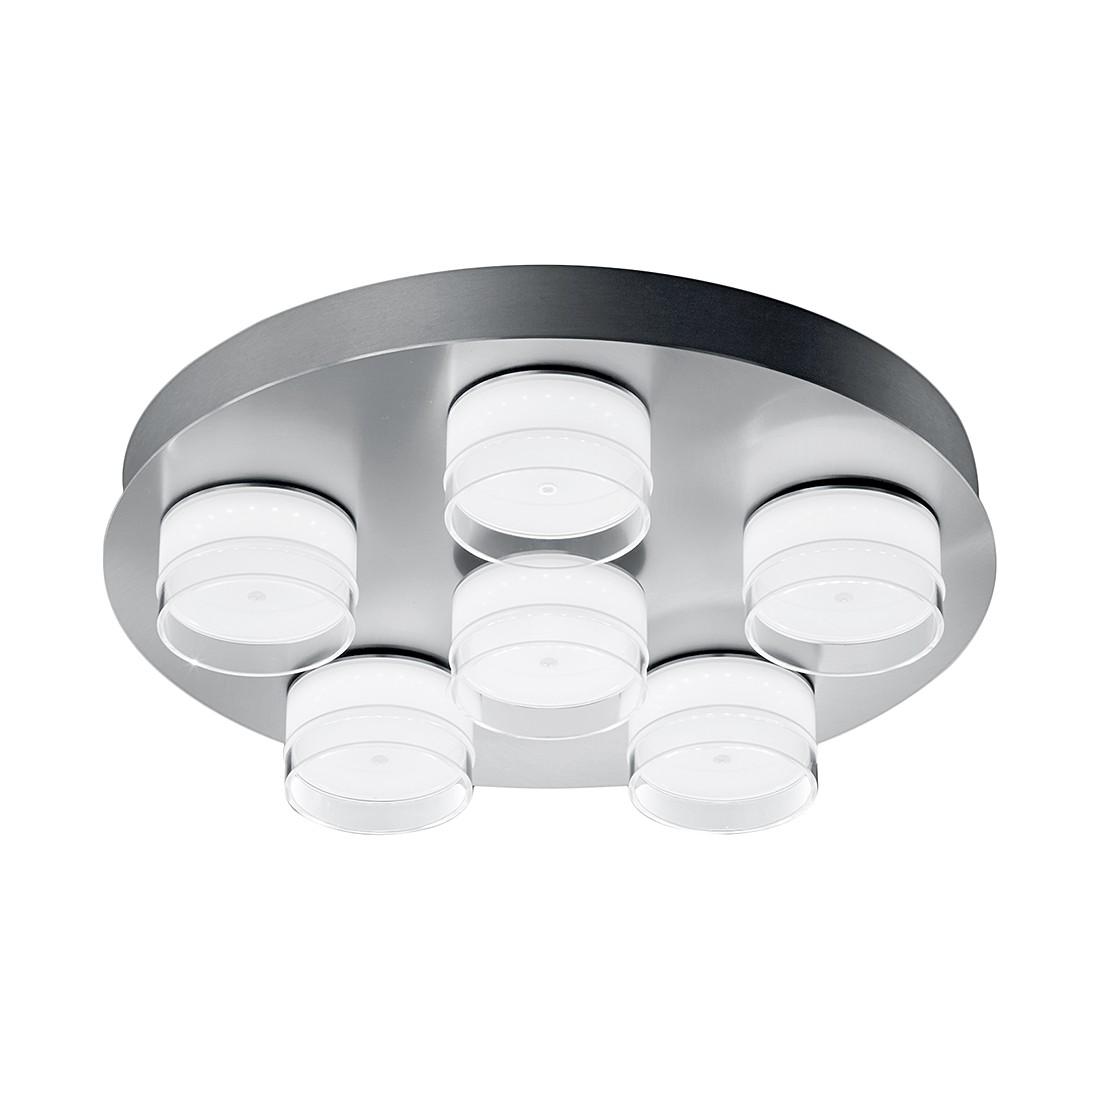 deckenleuchte yuma metall glas silber helestra a g nstig kaufen. Black Bedroom Furniture Sets. Home Design Ideas